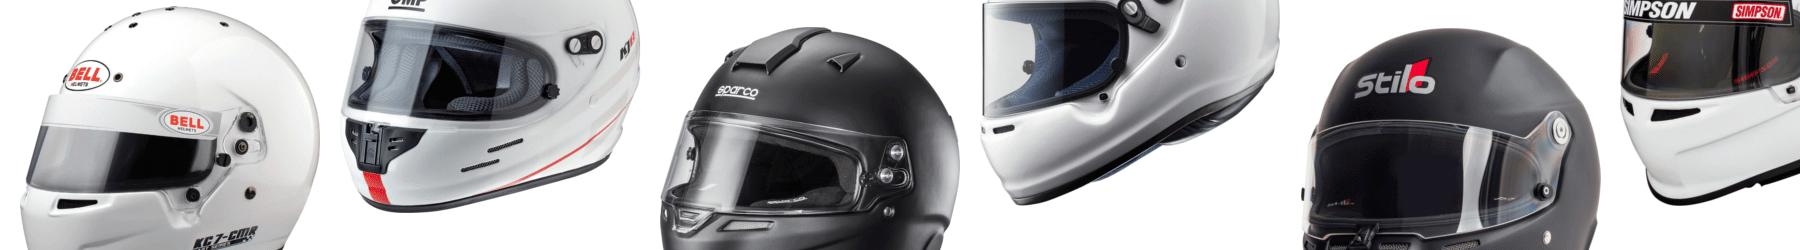 Full Face Karting Helmets